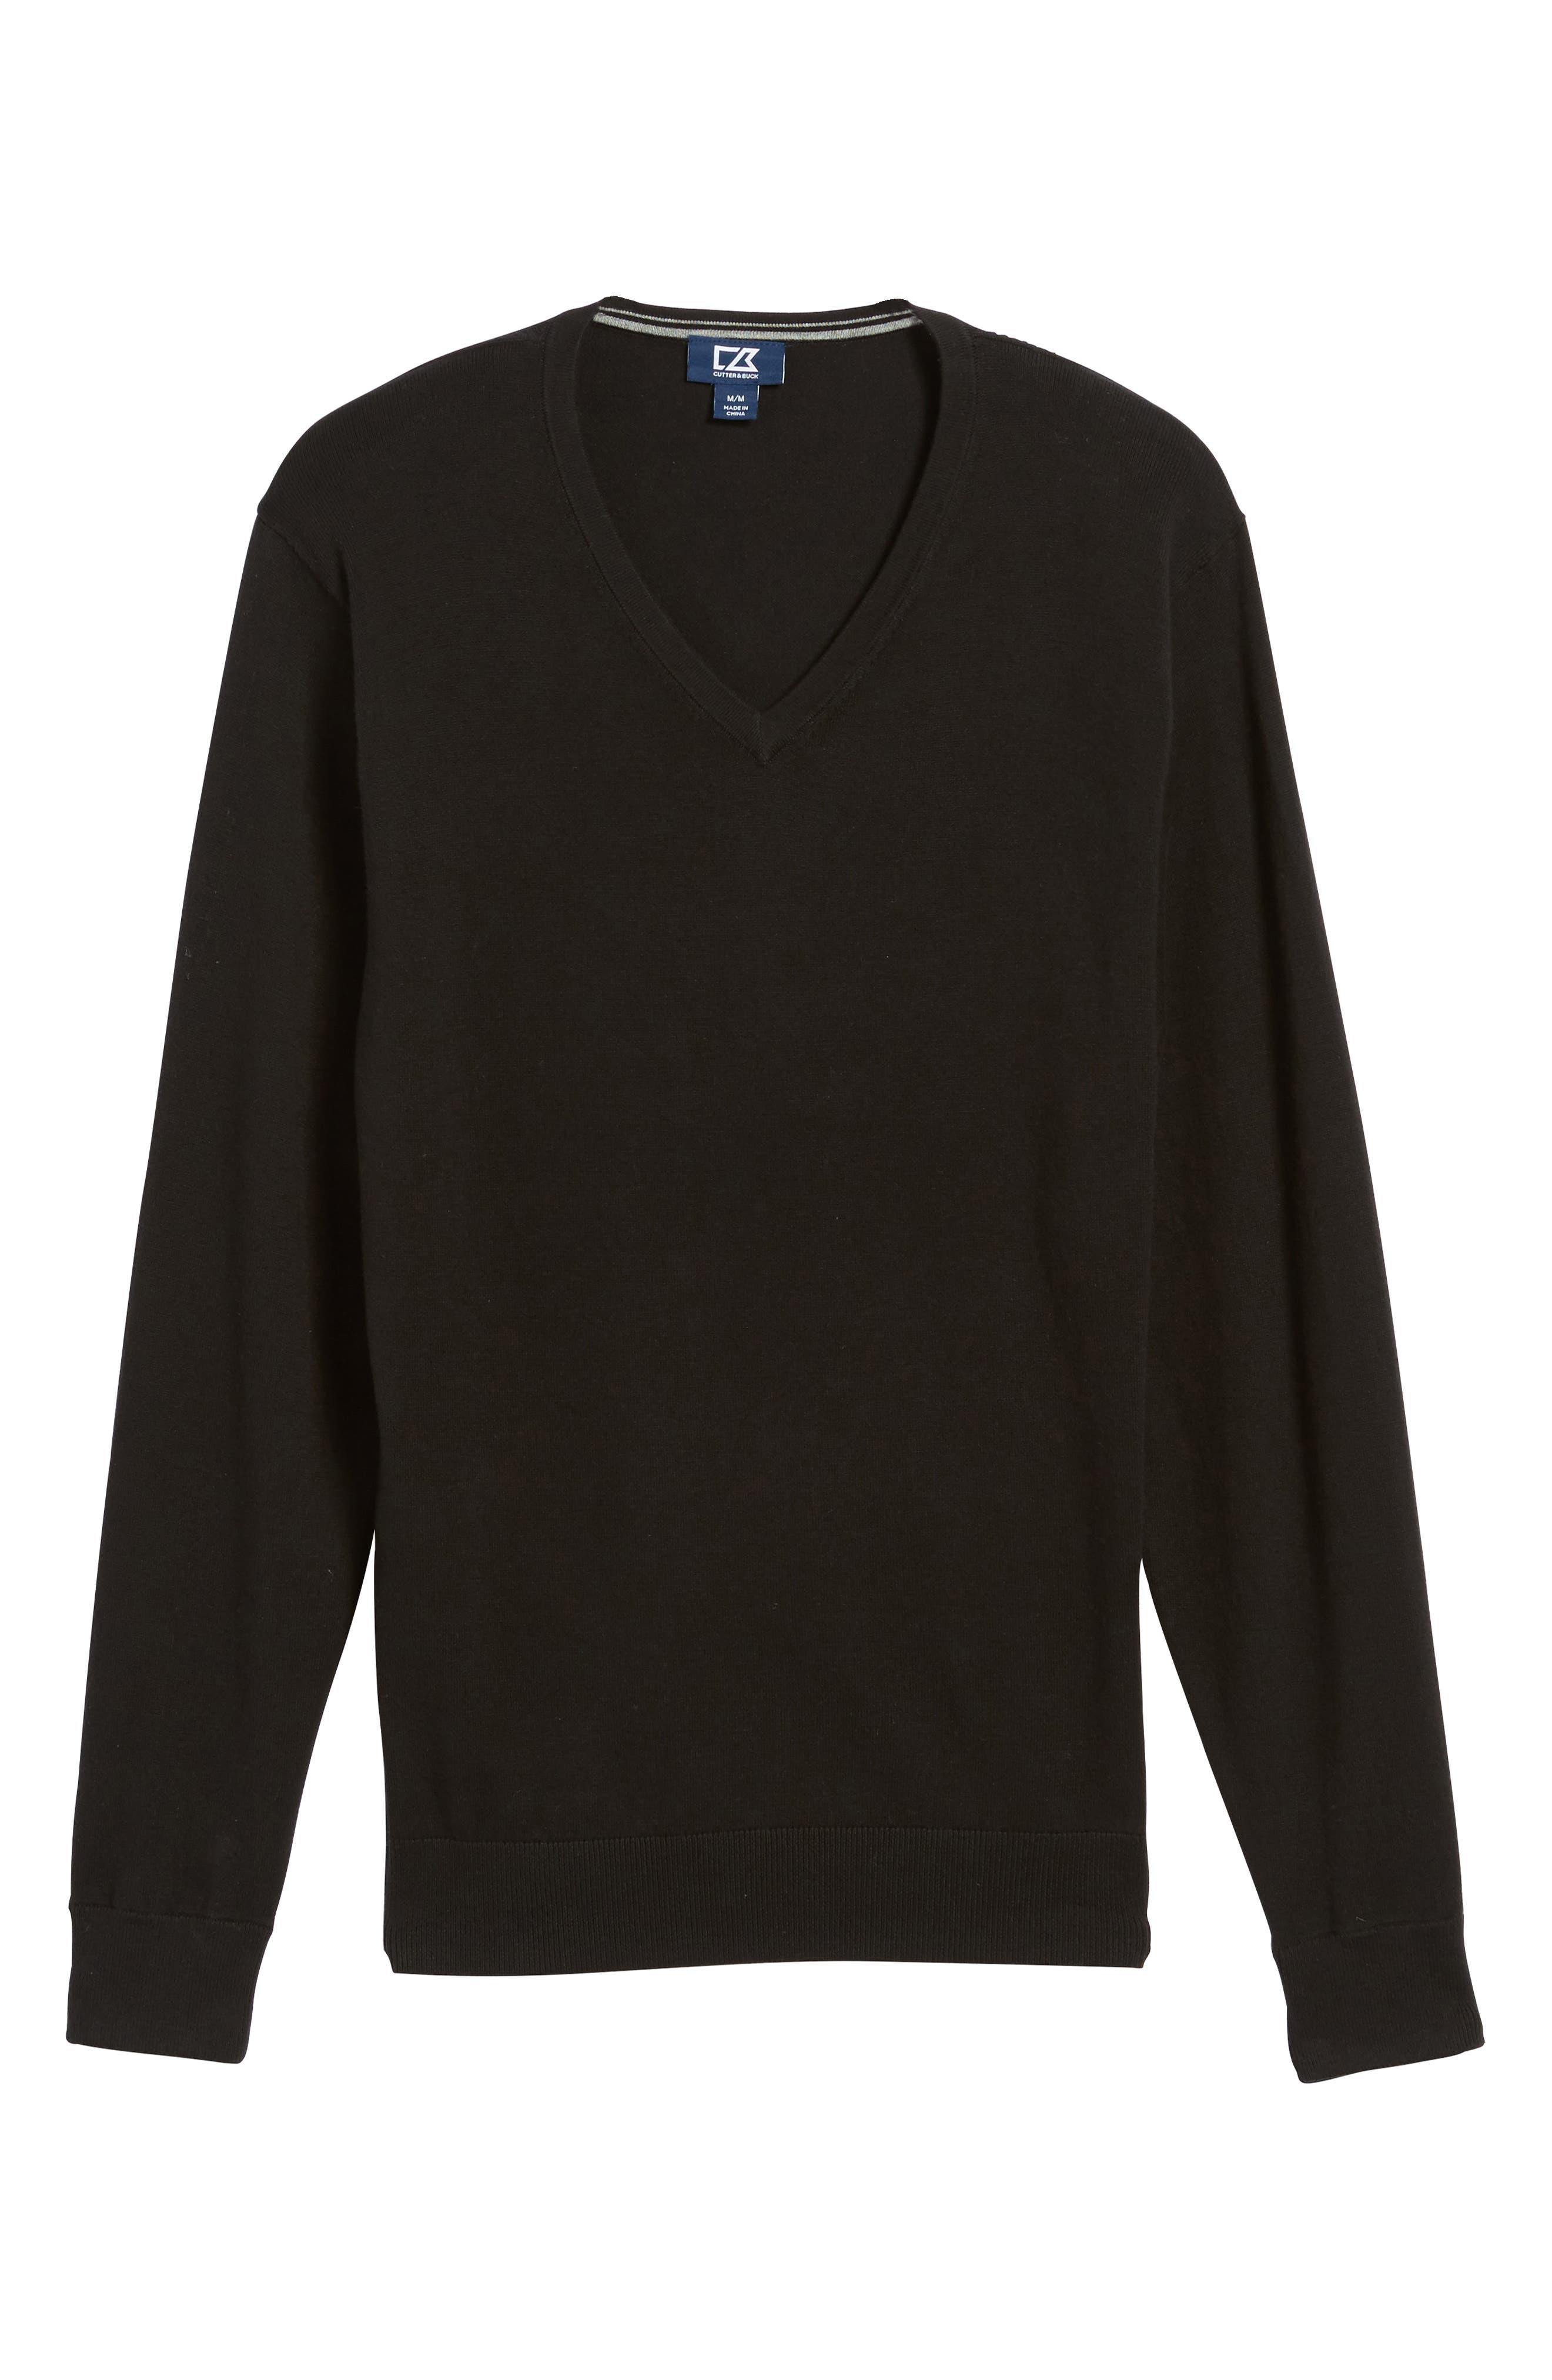 Lakemont V-Neck Sweater,                             Alternate thumbnail 6, color,                             Black